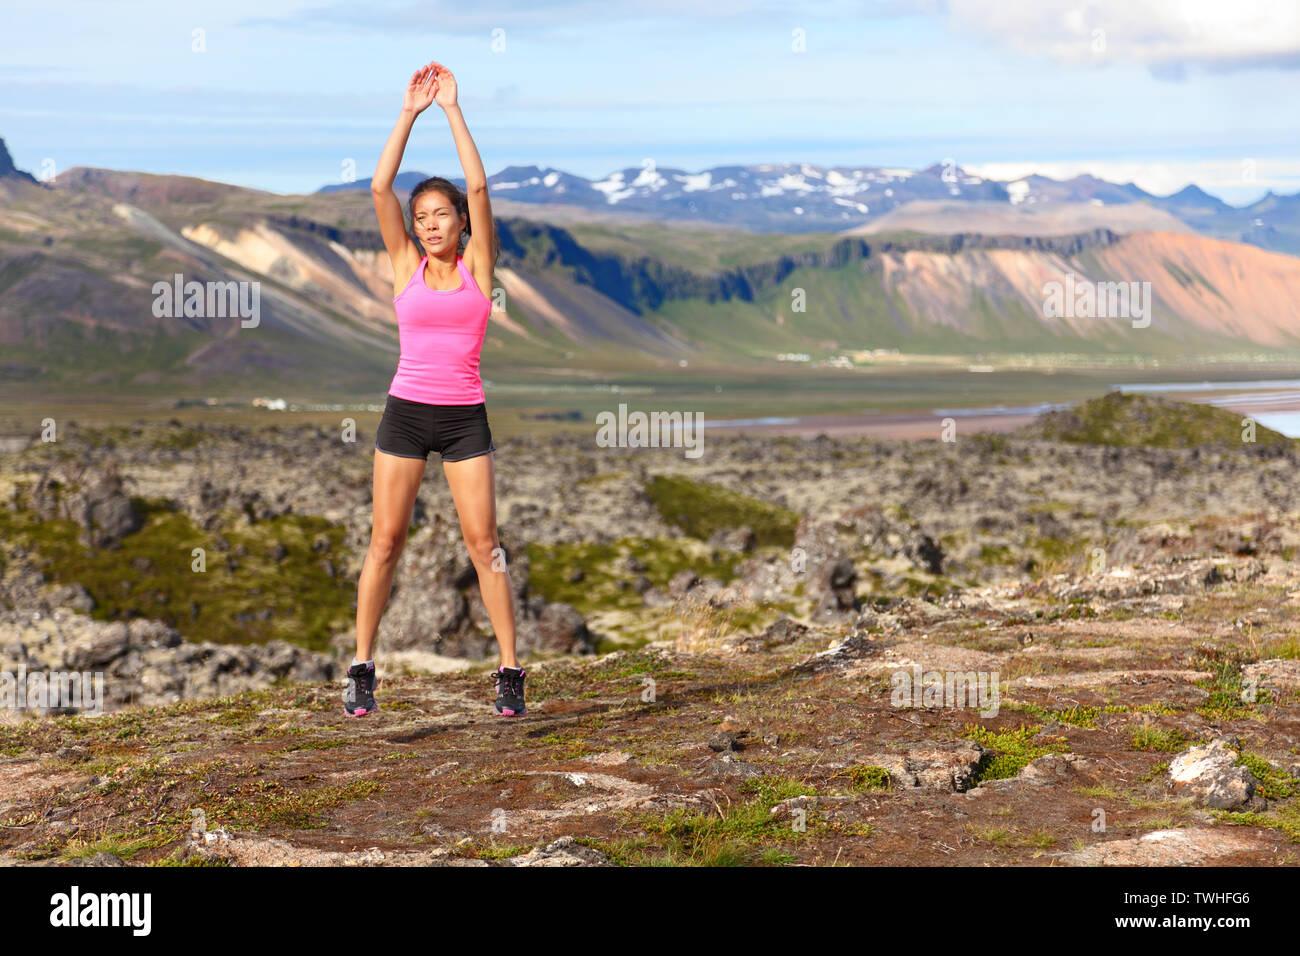 Femme Fitness jumping vous exercez à l'extérieur faisant sauter accroupi dans amazing nature paysage. Mettre en place l'athlète féminine de la formation croisée à l'extérieur. Libre à partir de l'Islande. Photo Stock